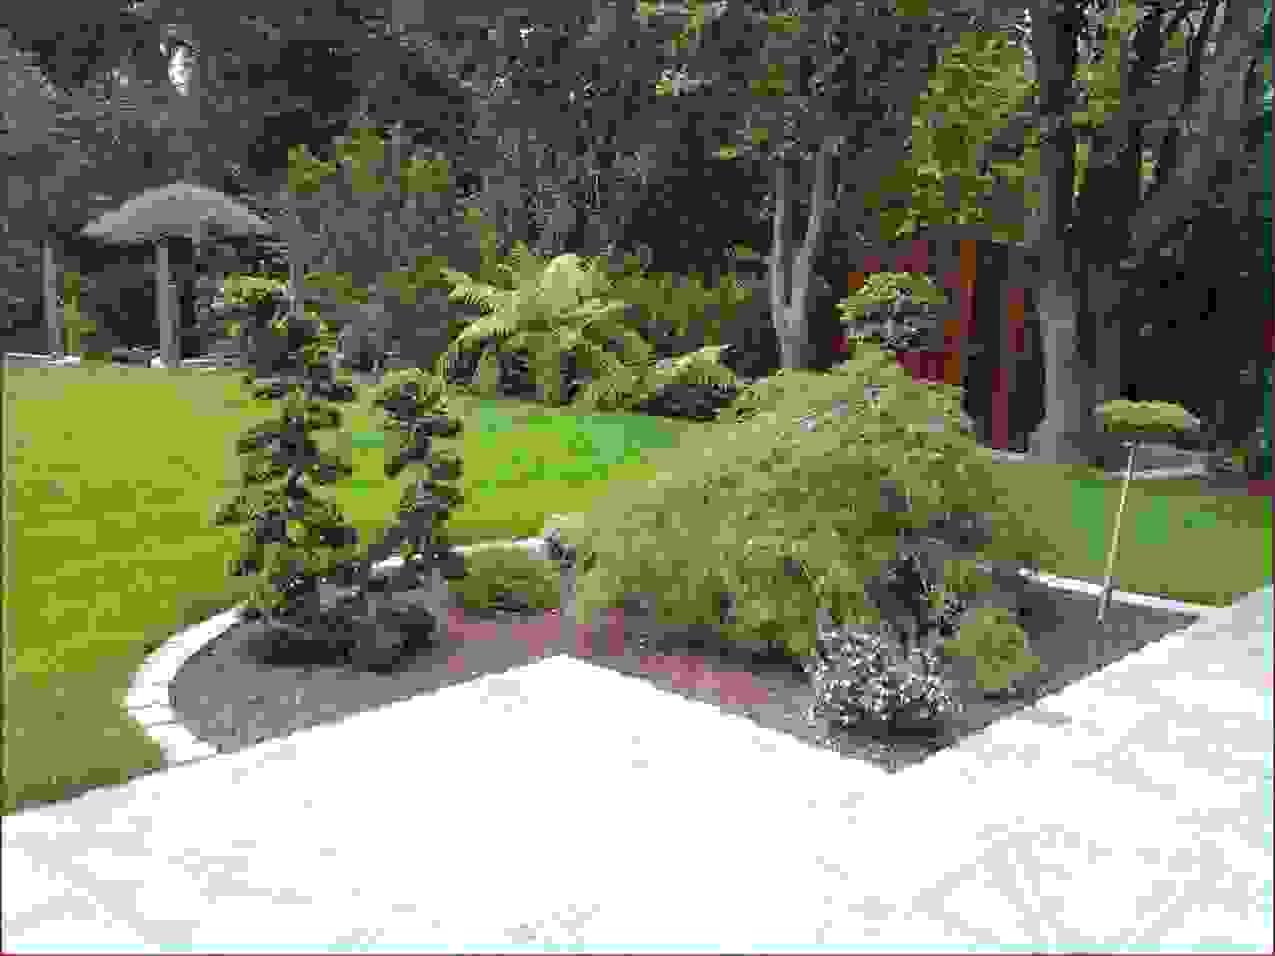 Sitzplatz Garten Produkte Sitzecke Garten Gestalten Elegant Garten von Sitzplatz Im Garten Anlegen Bild